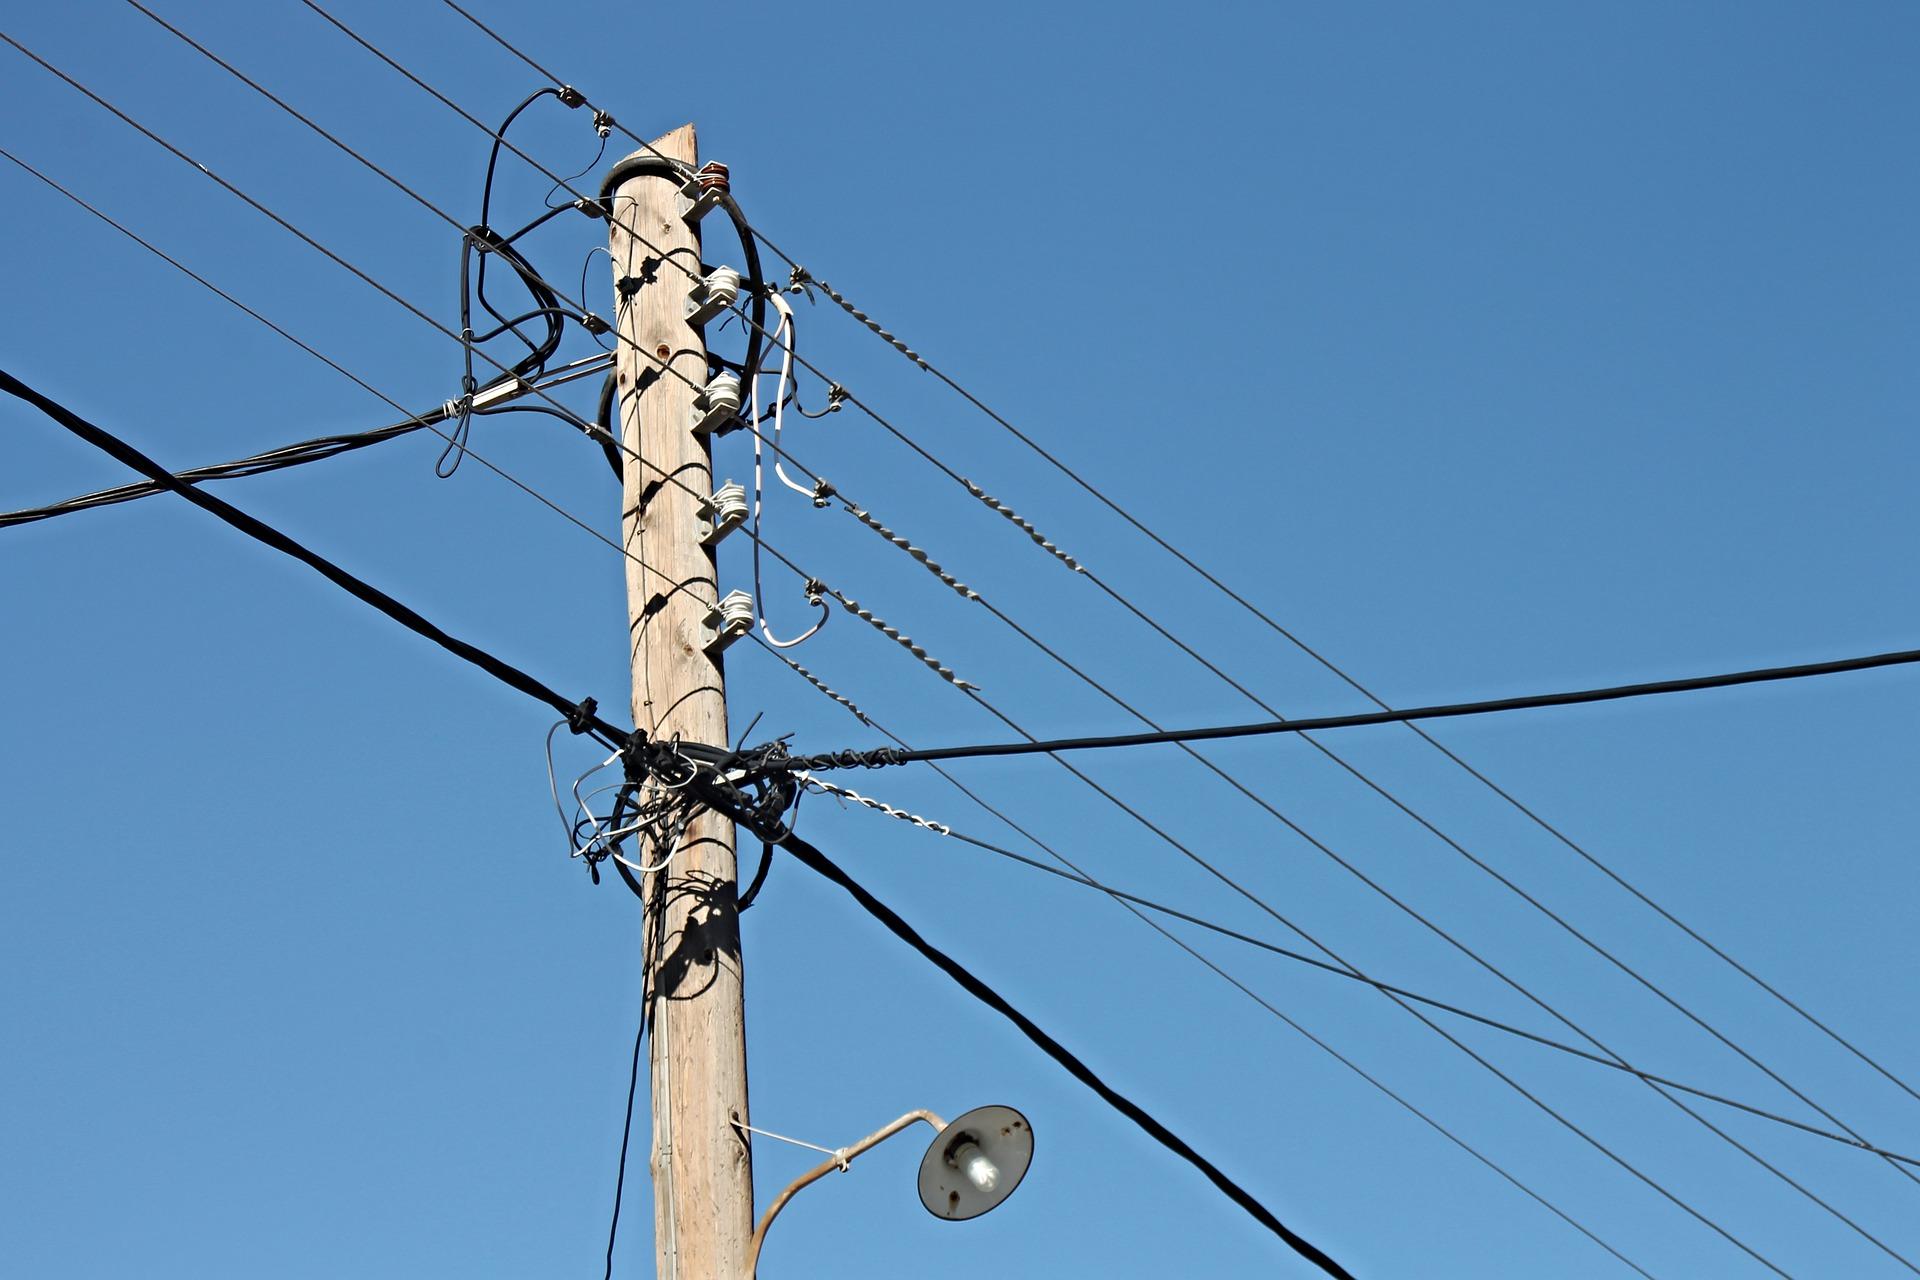 Électricité: 13 circuits de la capitale ne fonctionnent pas en raison des fortes pluies